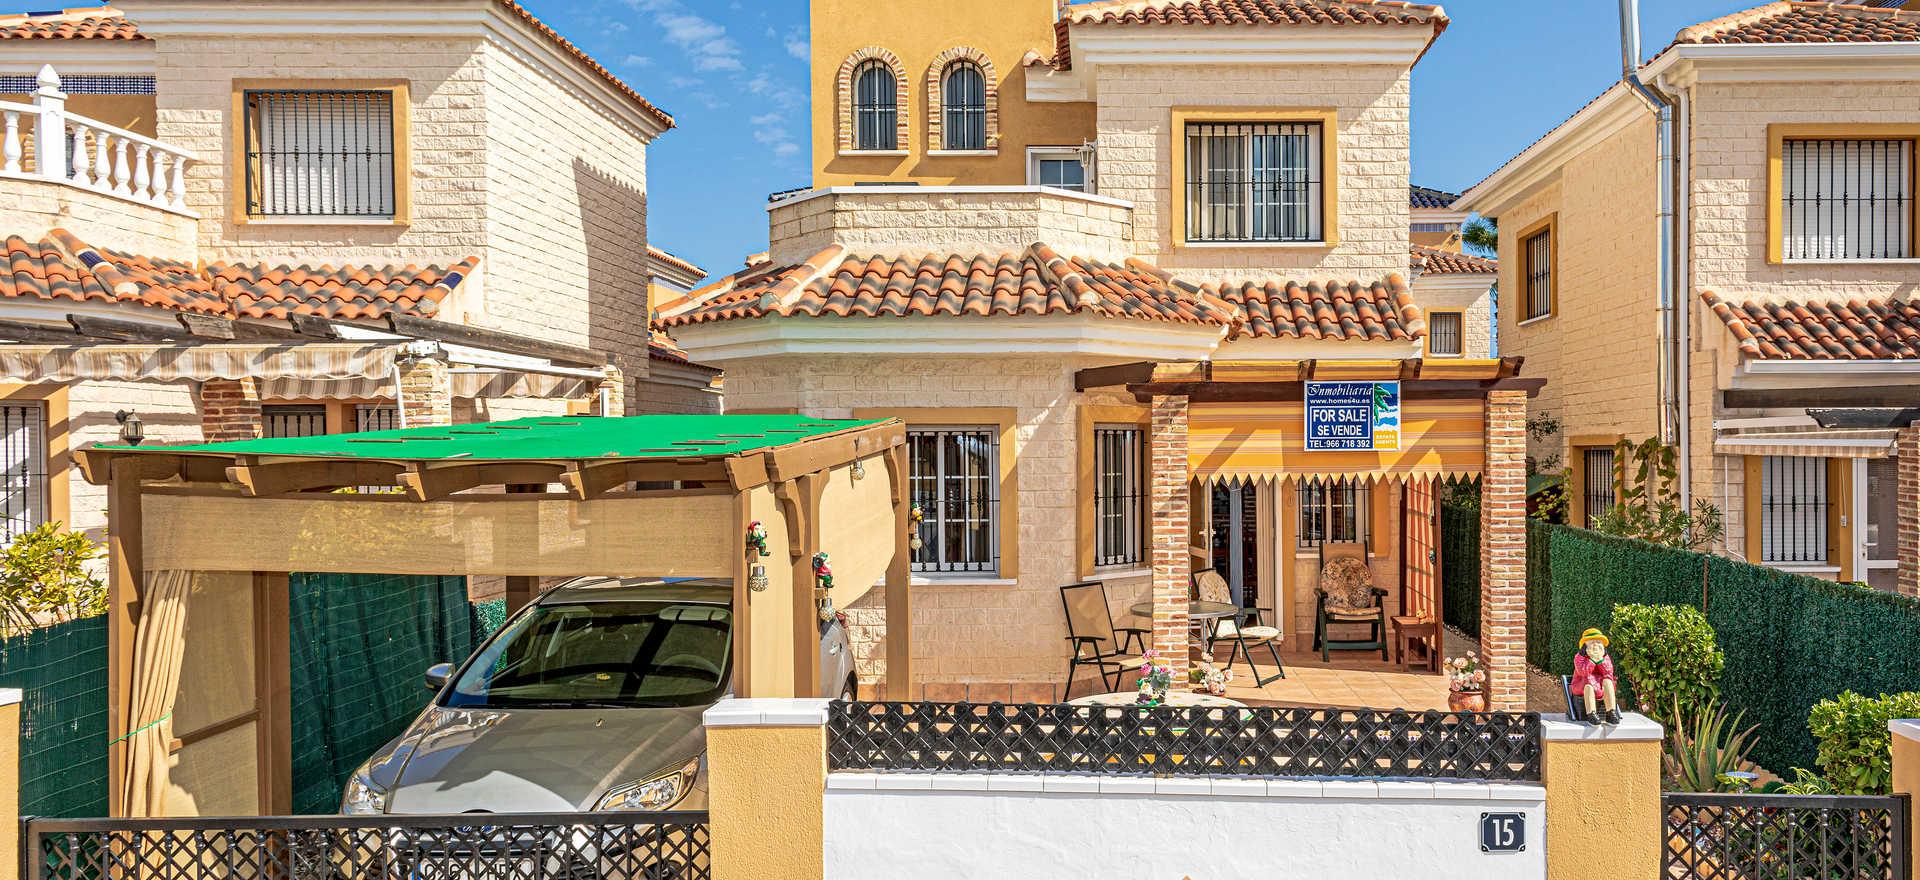 Proeprty For Sale In El Raso